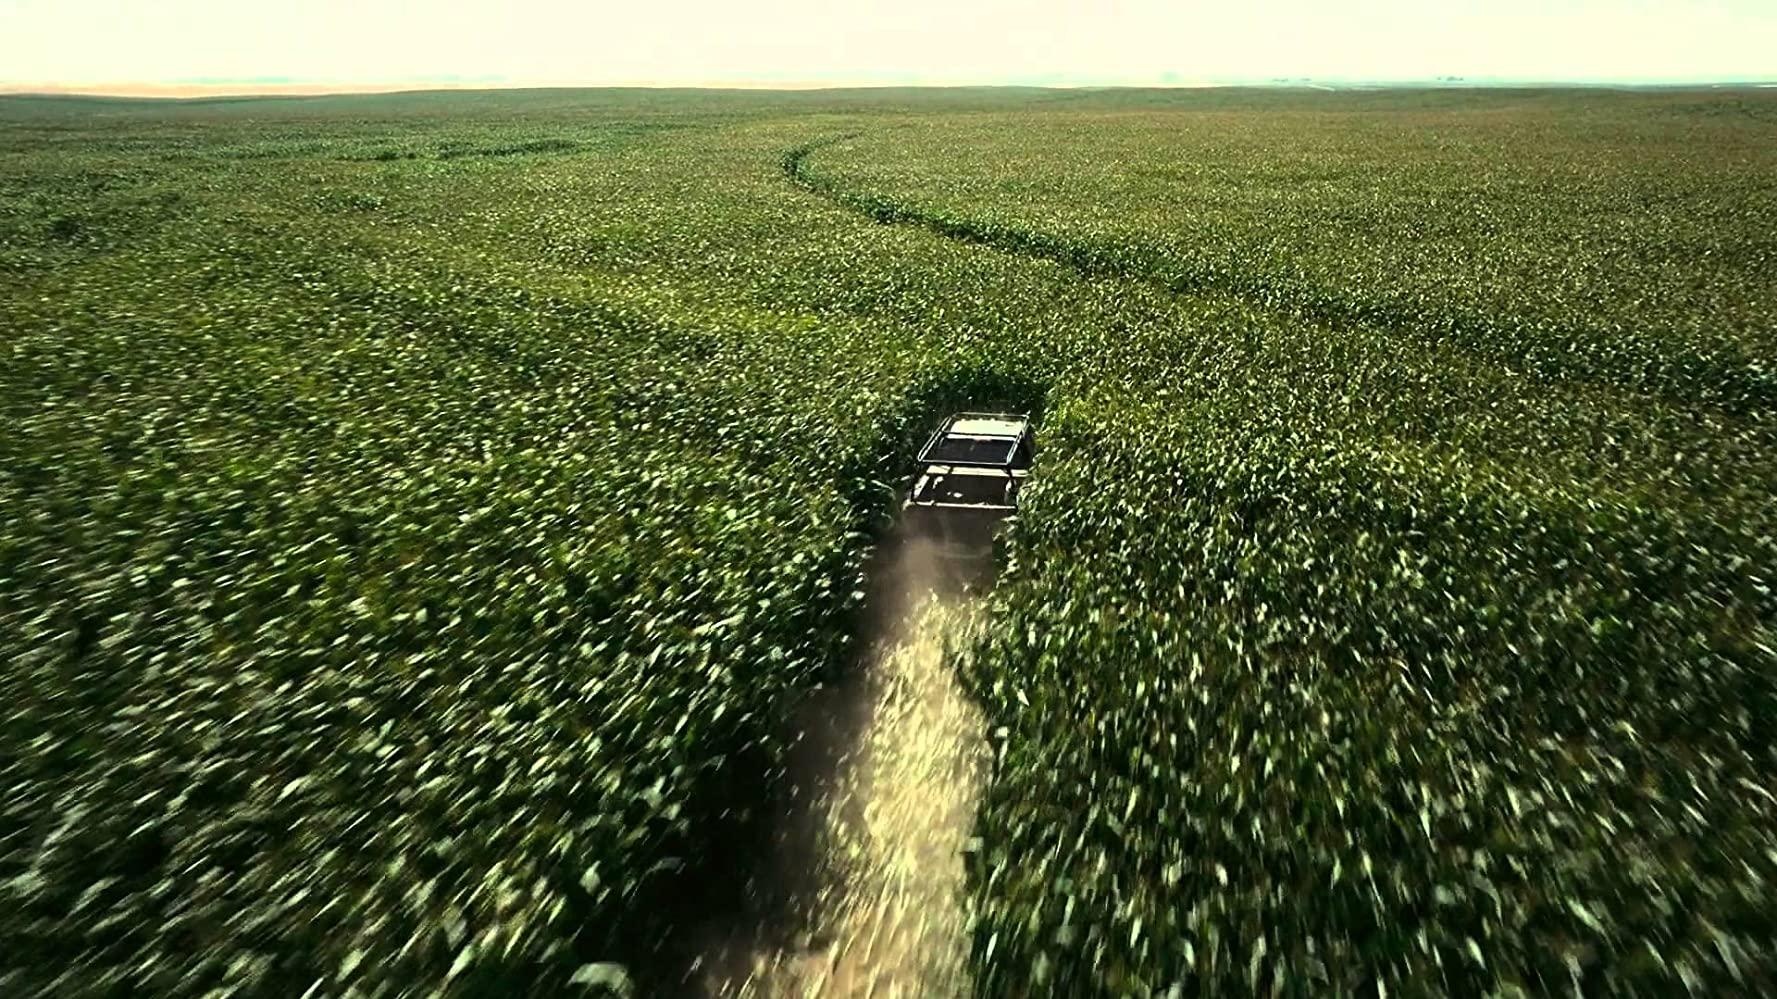 Интерстеллар Interstellar 2014 фильм кукурузное поле